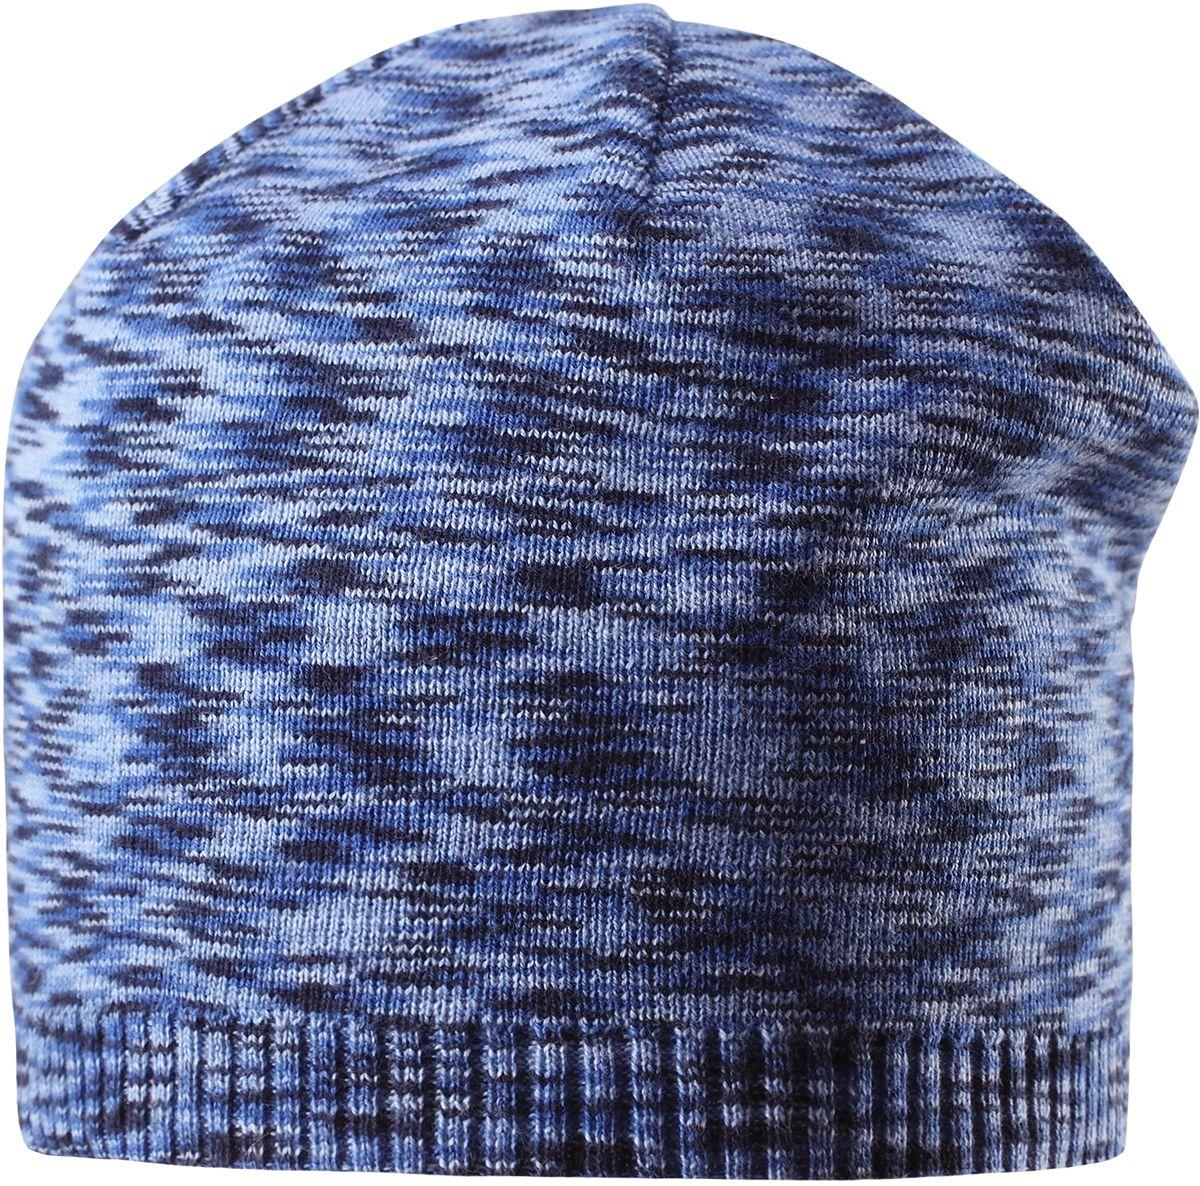 Шапка детская Reima Liplatus, цвет: синий. 5285276530. Размер 525285276530Стильная детская шапка прекрасно подойдет для весенней поры. Она изготовлена из эластичного и легкого вязаного хлопка, мягкого и приятного на ощупь. Материал сертифицирован по стандарту Oeko-Tex. Удлиненная, облегченная модель без подкладки.